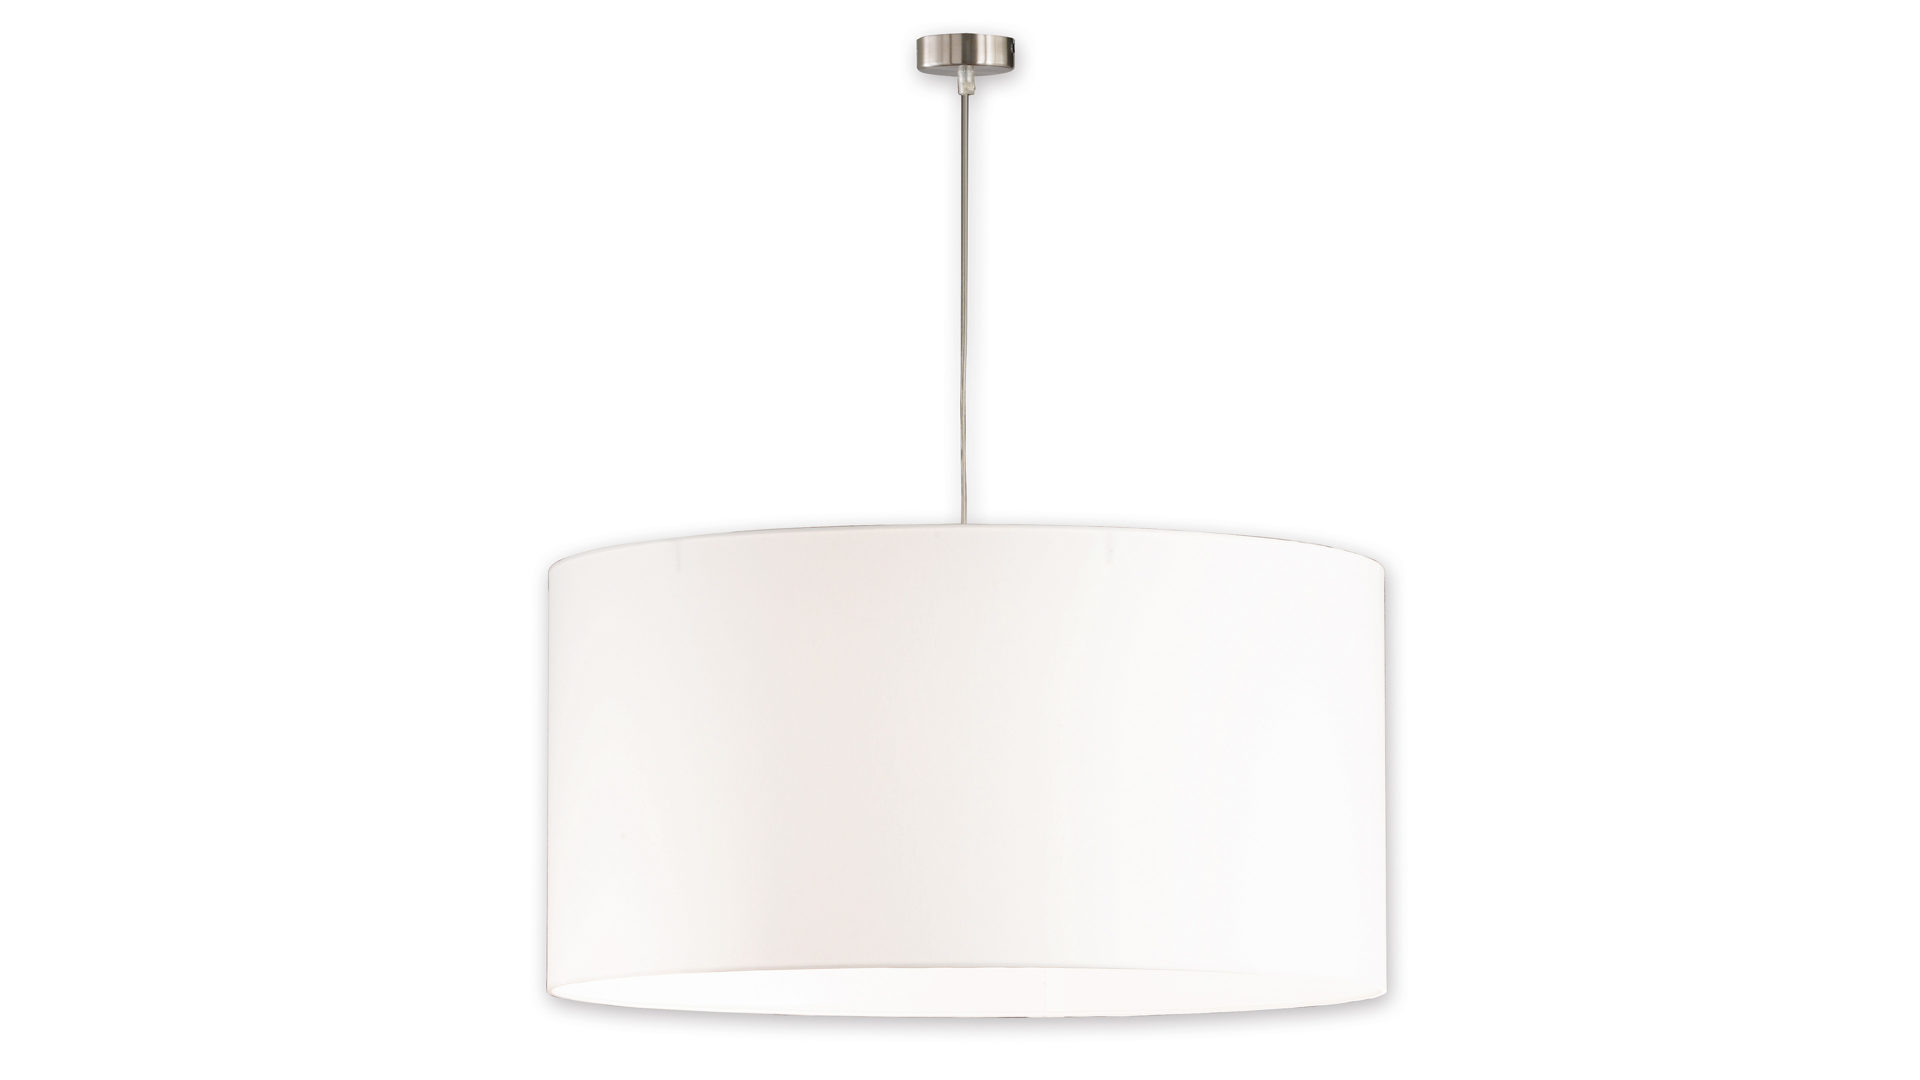 Möbel Weber Herxheim bei Landau | Räume | Küche | Lampen + Leuchten ...